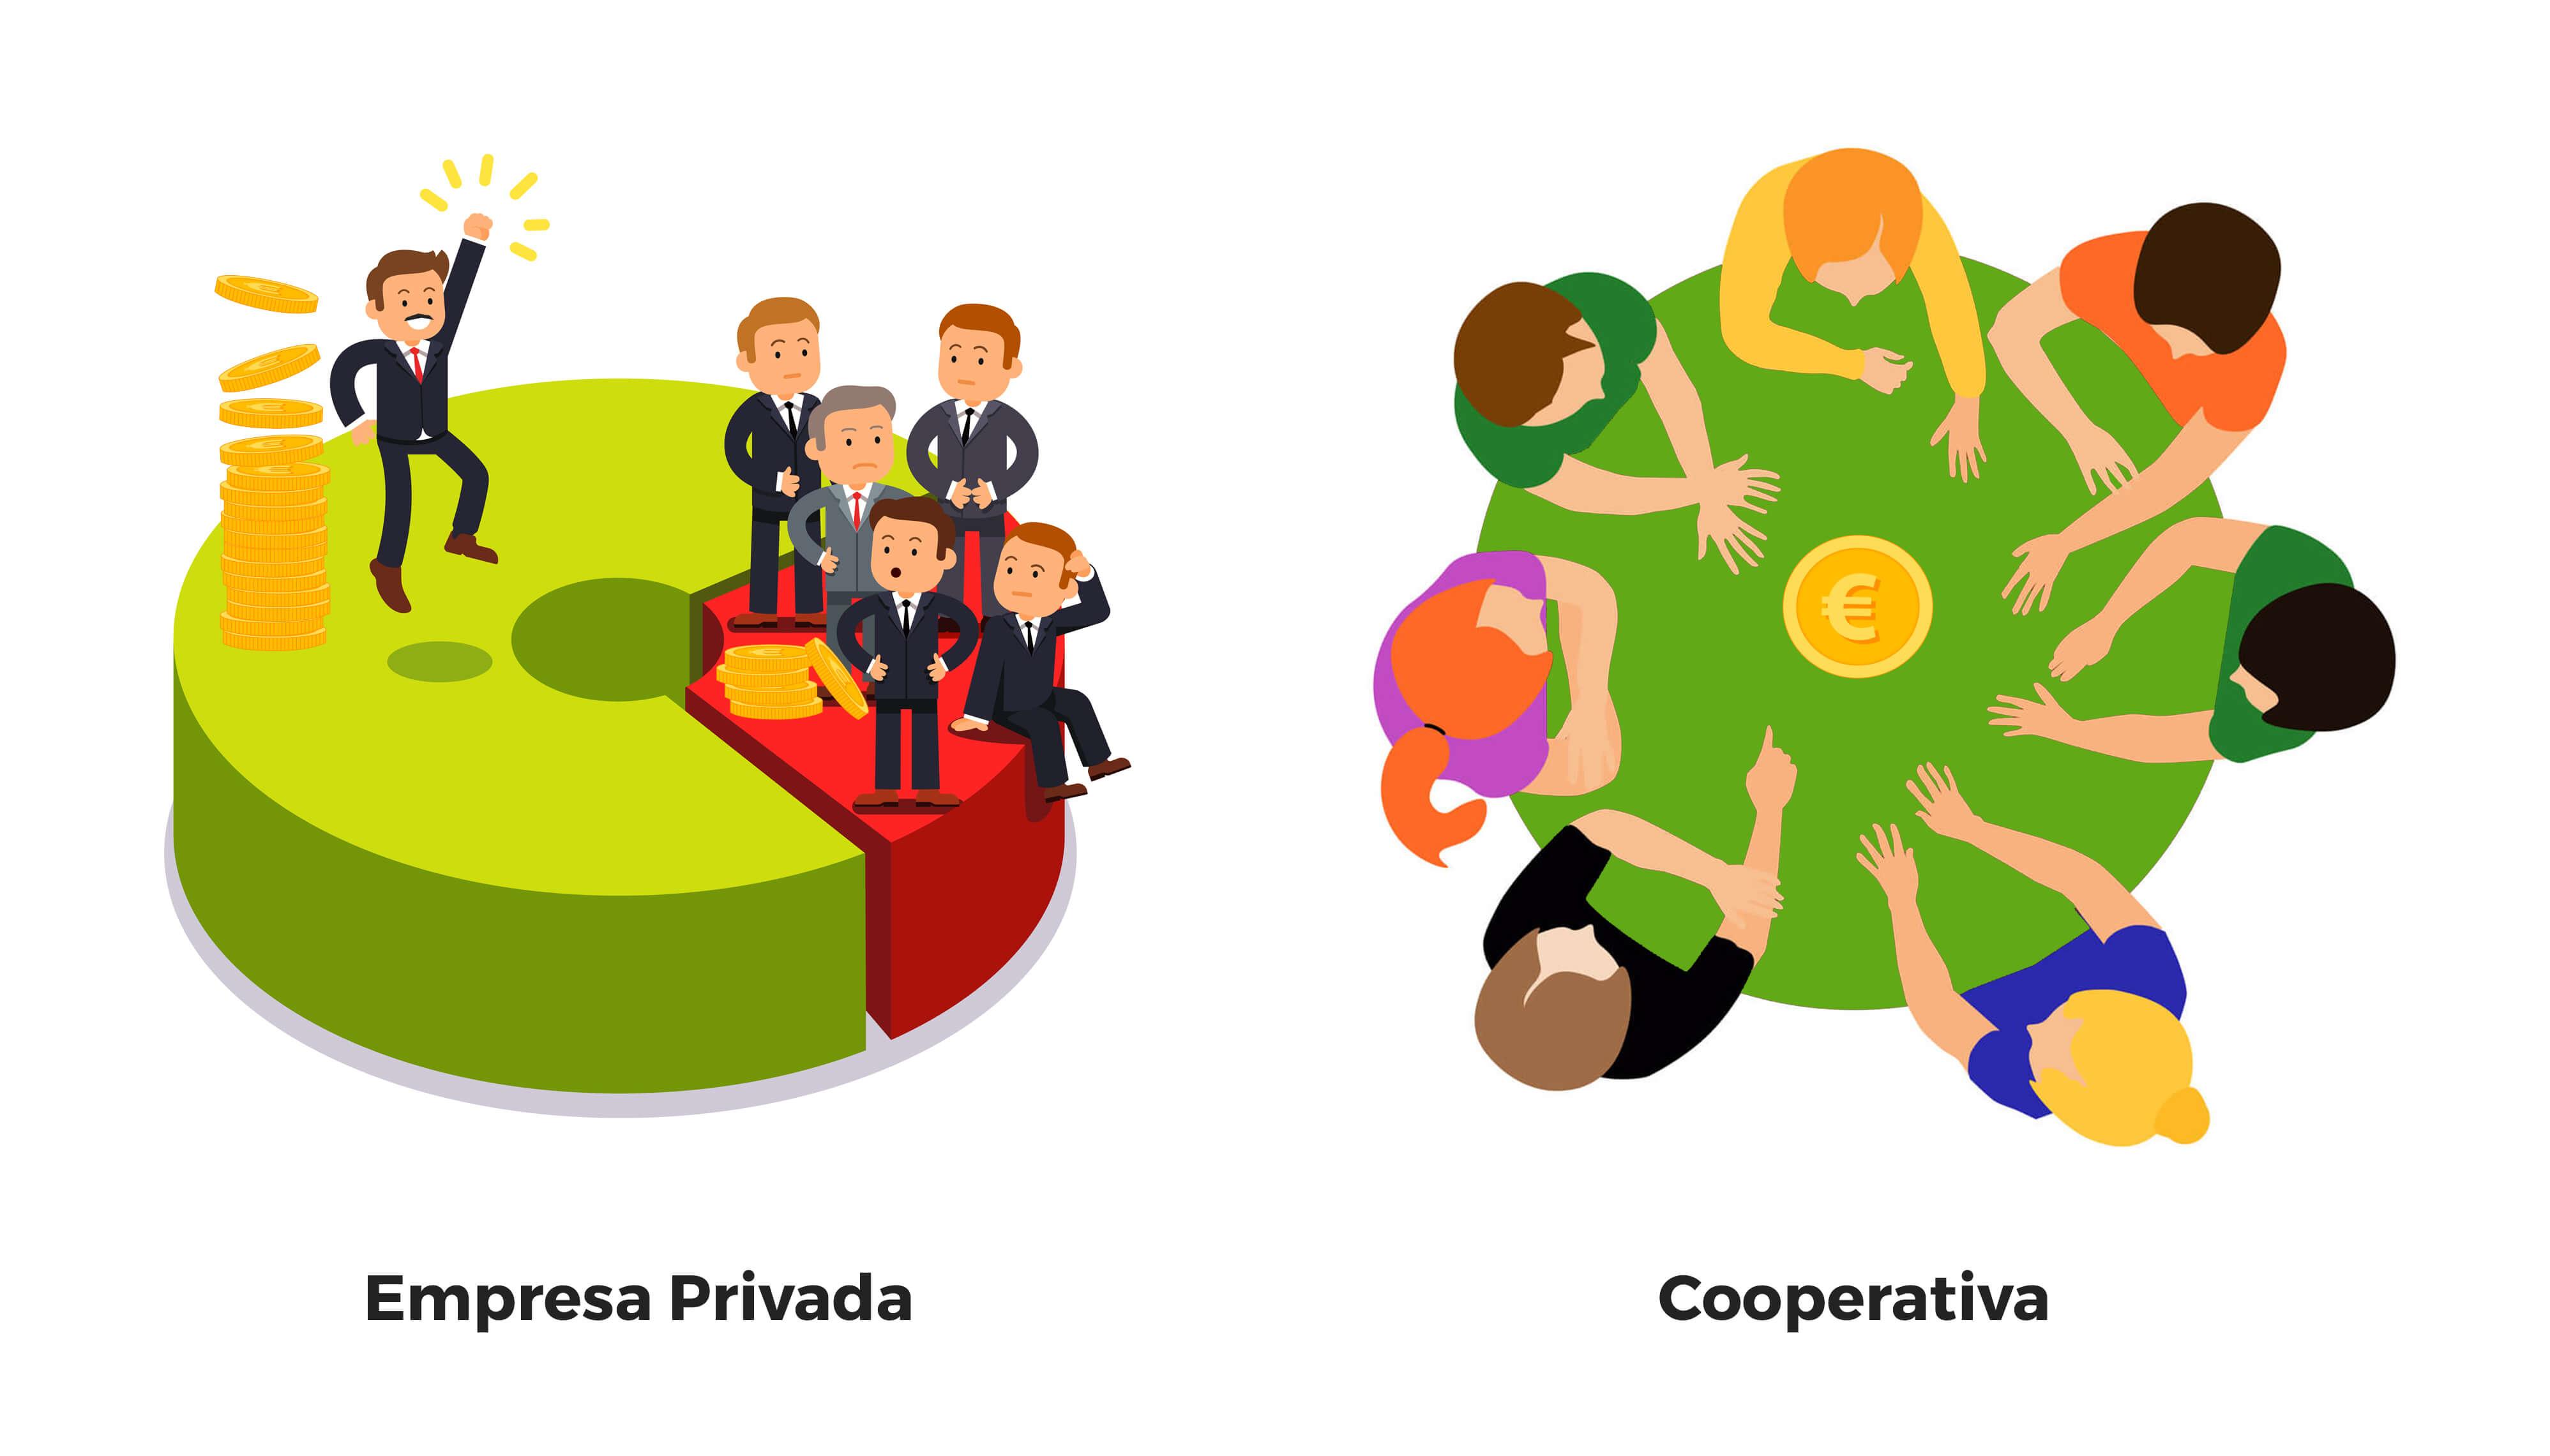 Diez razones por los que conviene tener un proveedor que sea cooperativa